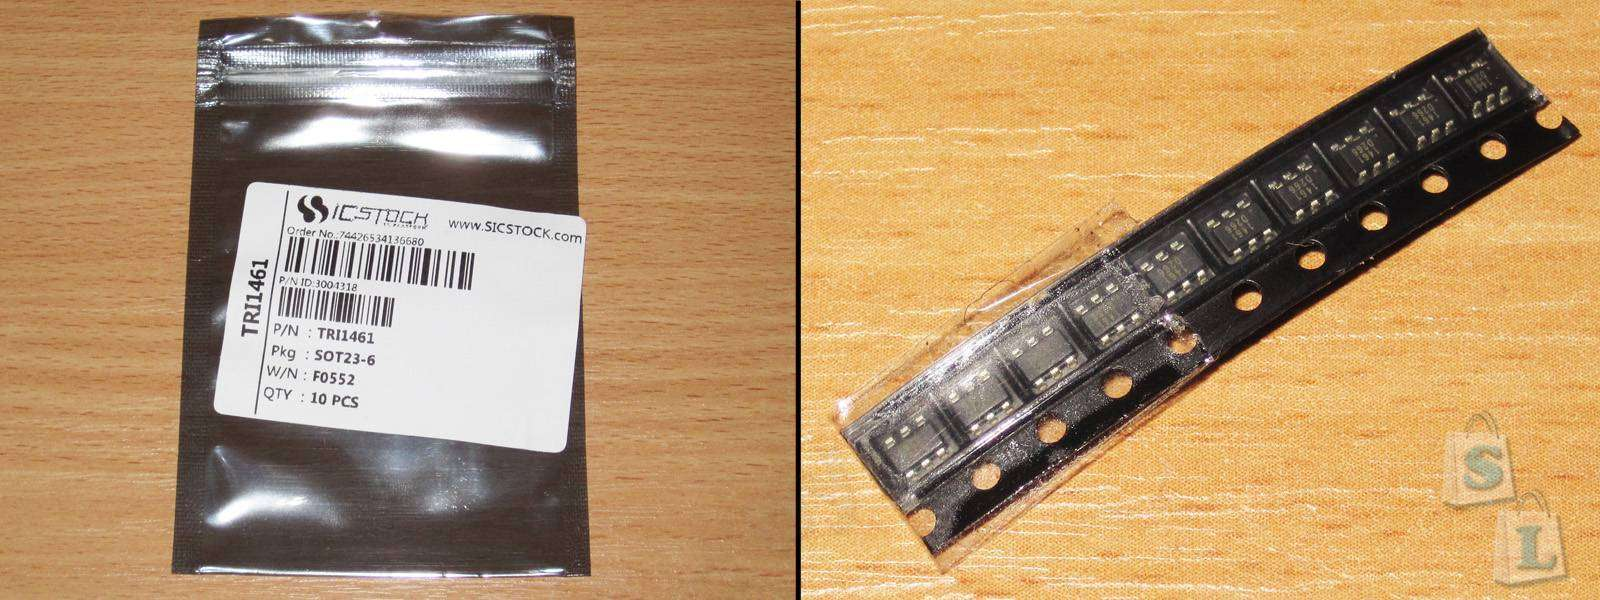 Aliexpress: TRI1461, еще одна мелкая микросхема для построения DC-DC преобразователя